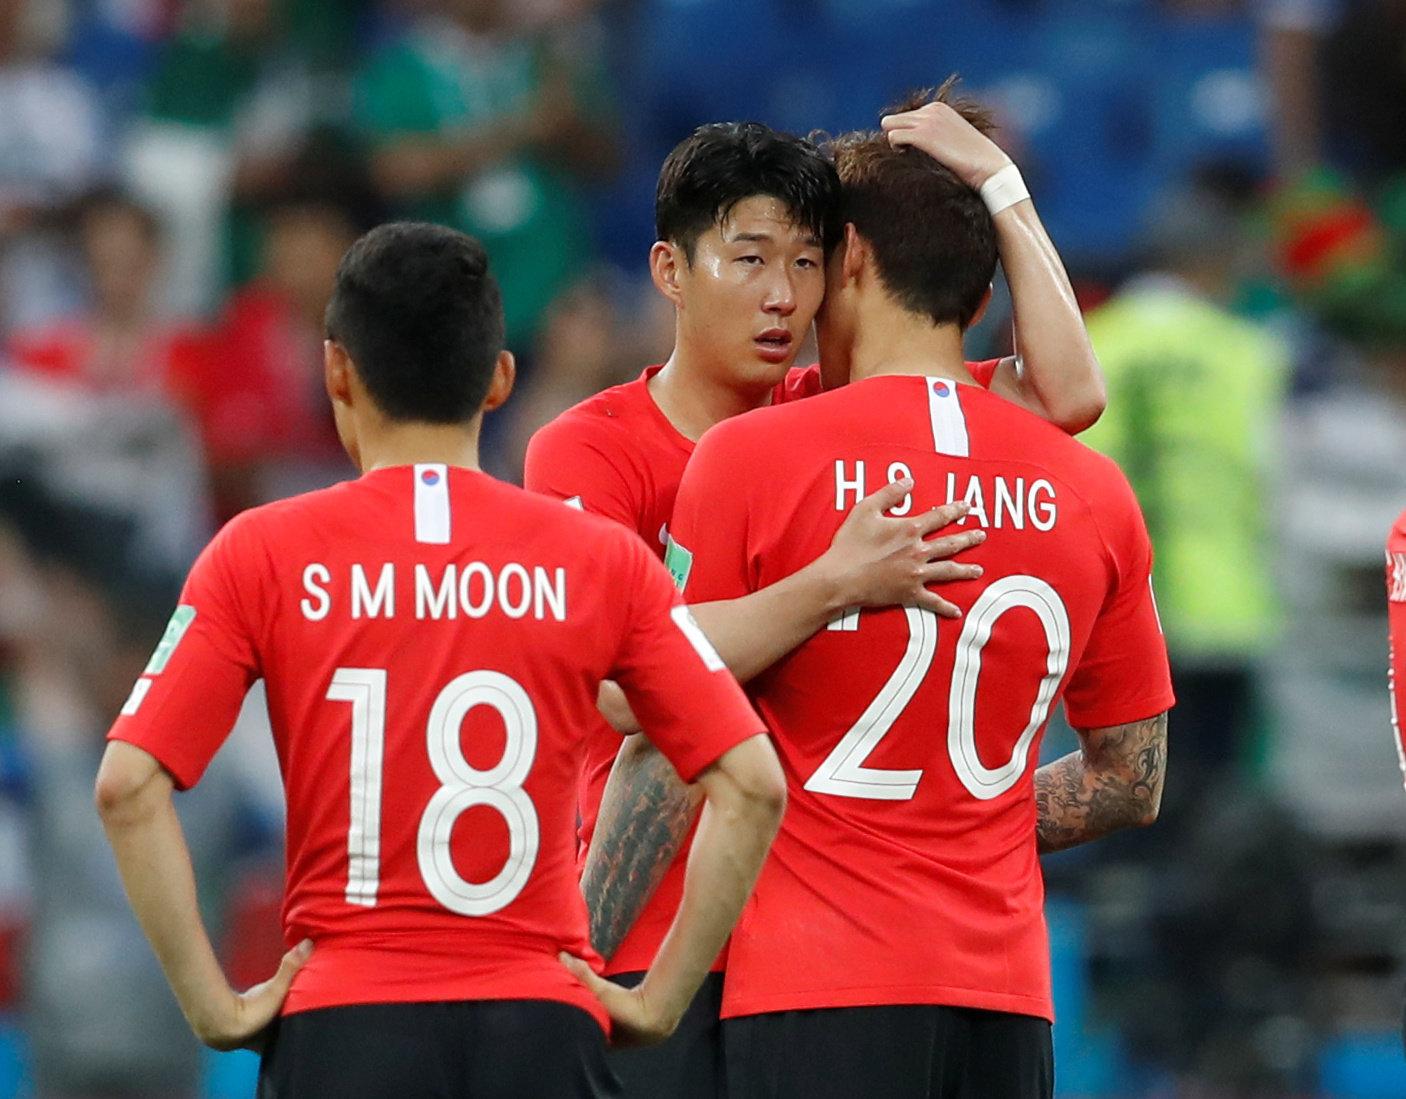 독일 토니 크로스의 몸값은 한국 대표팀 전체의 몸값과 맞먹는다